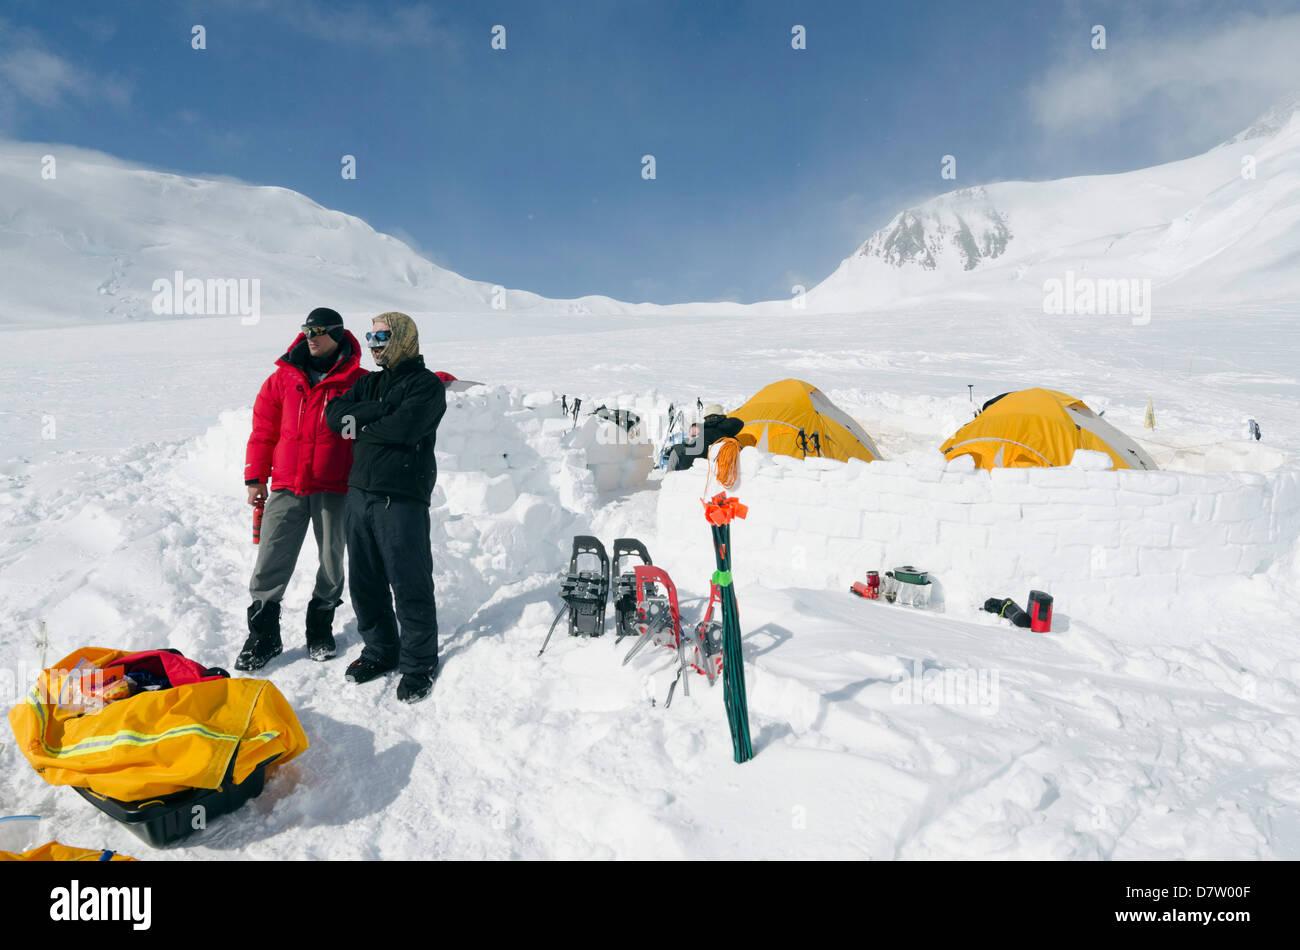 Camp 2, escursione di alpinismo sul Monte McKinley, 6194m, Parco Nazionale di Denali, Alaska, STATI UNITI D'AMERICA Immagini Stock